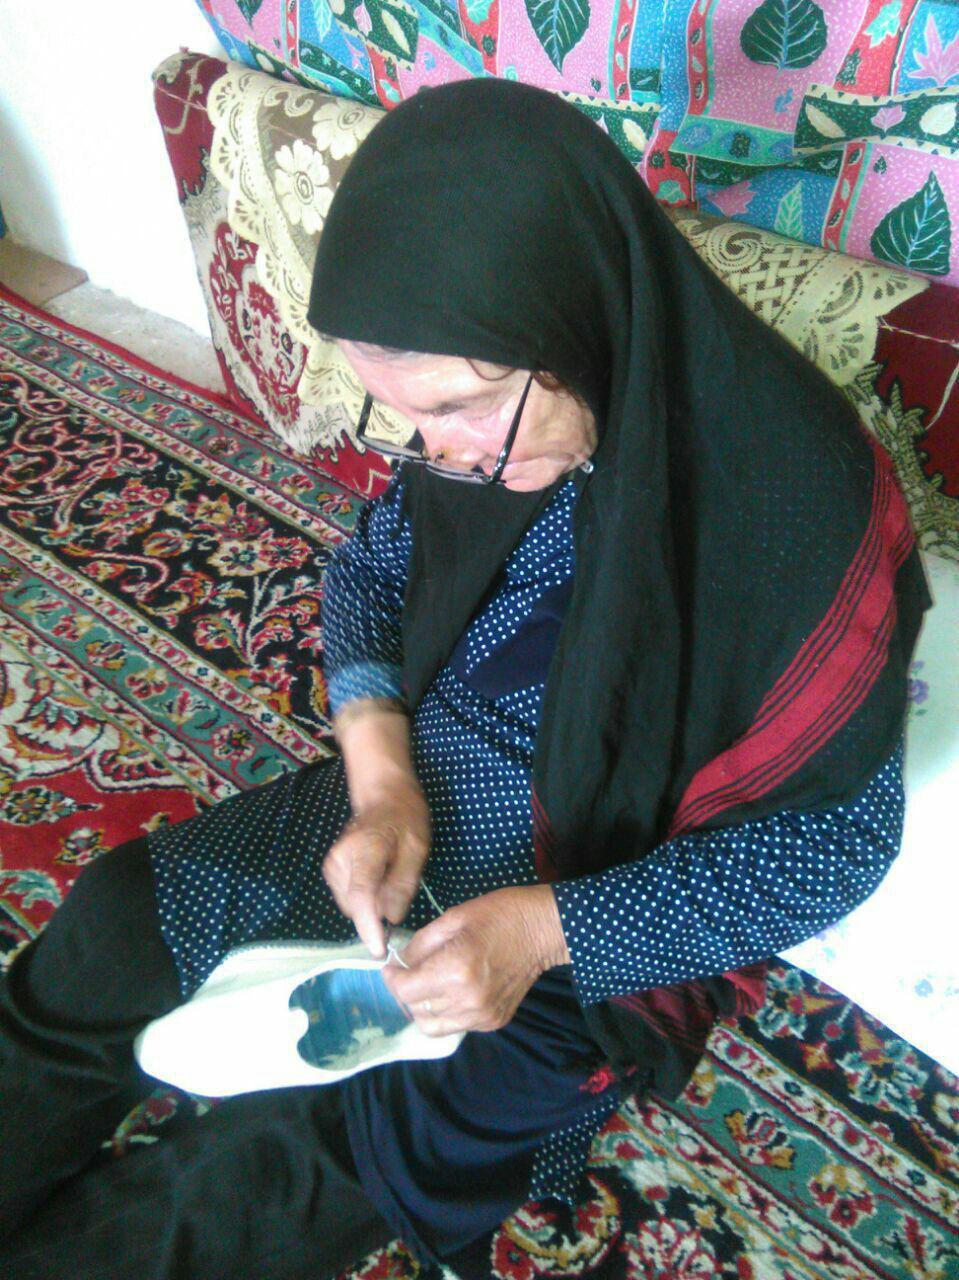 نشلج، نگینی سبز بر حلقه انگشتری ارتفاعات اردهال در کاشان